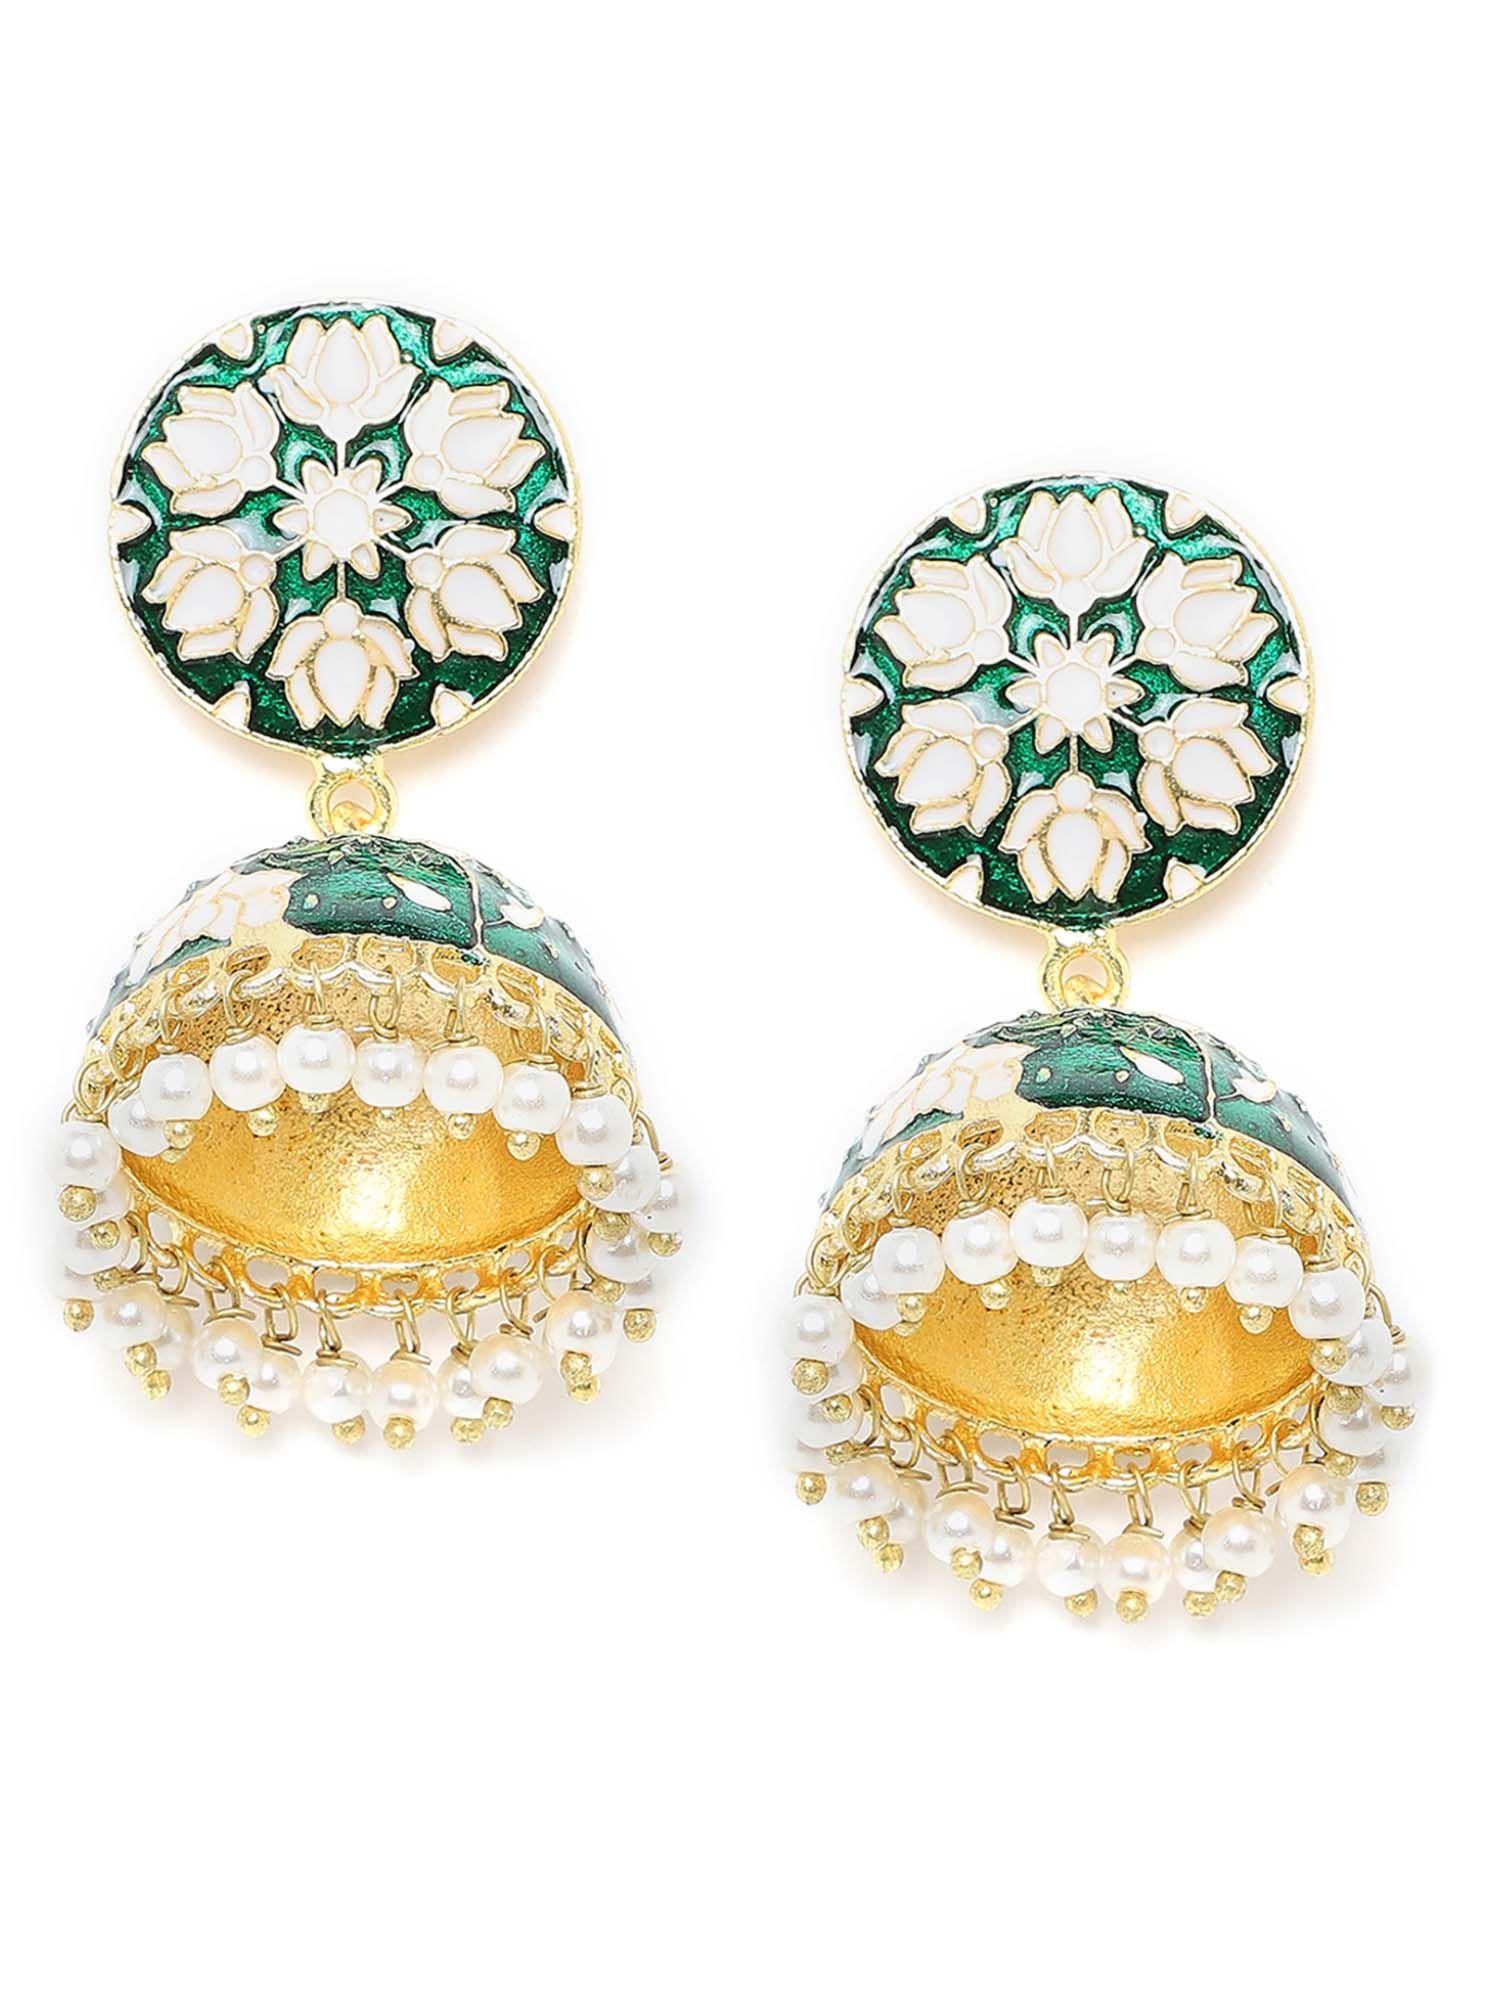 zerokaata/Fashion Jewellery Orange and White Meenakari Jhumki Earrings for Women /& Girls